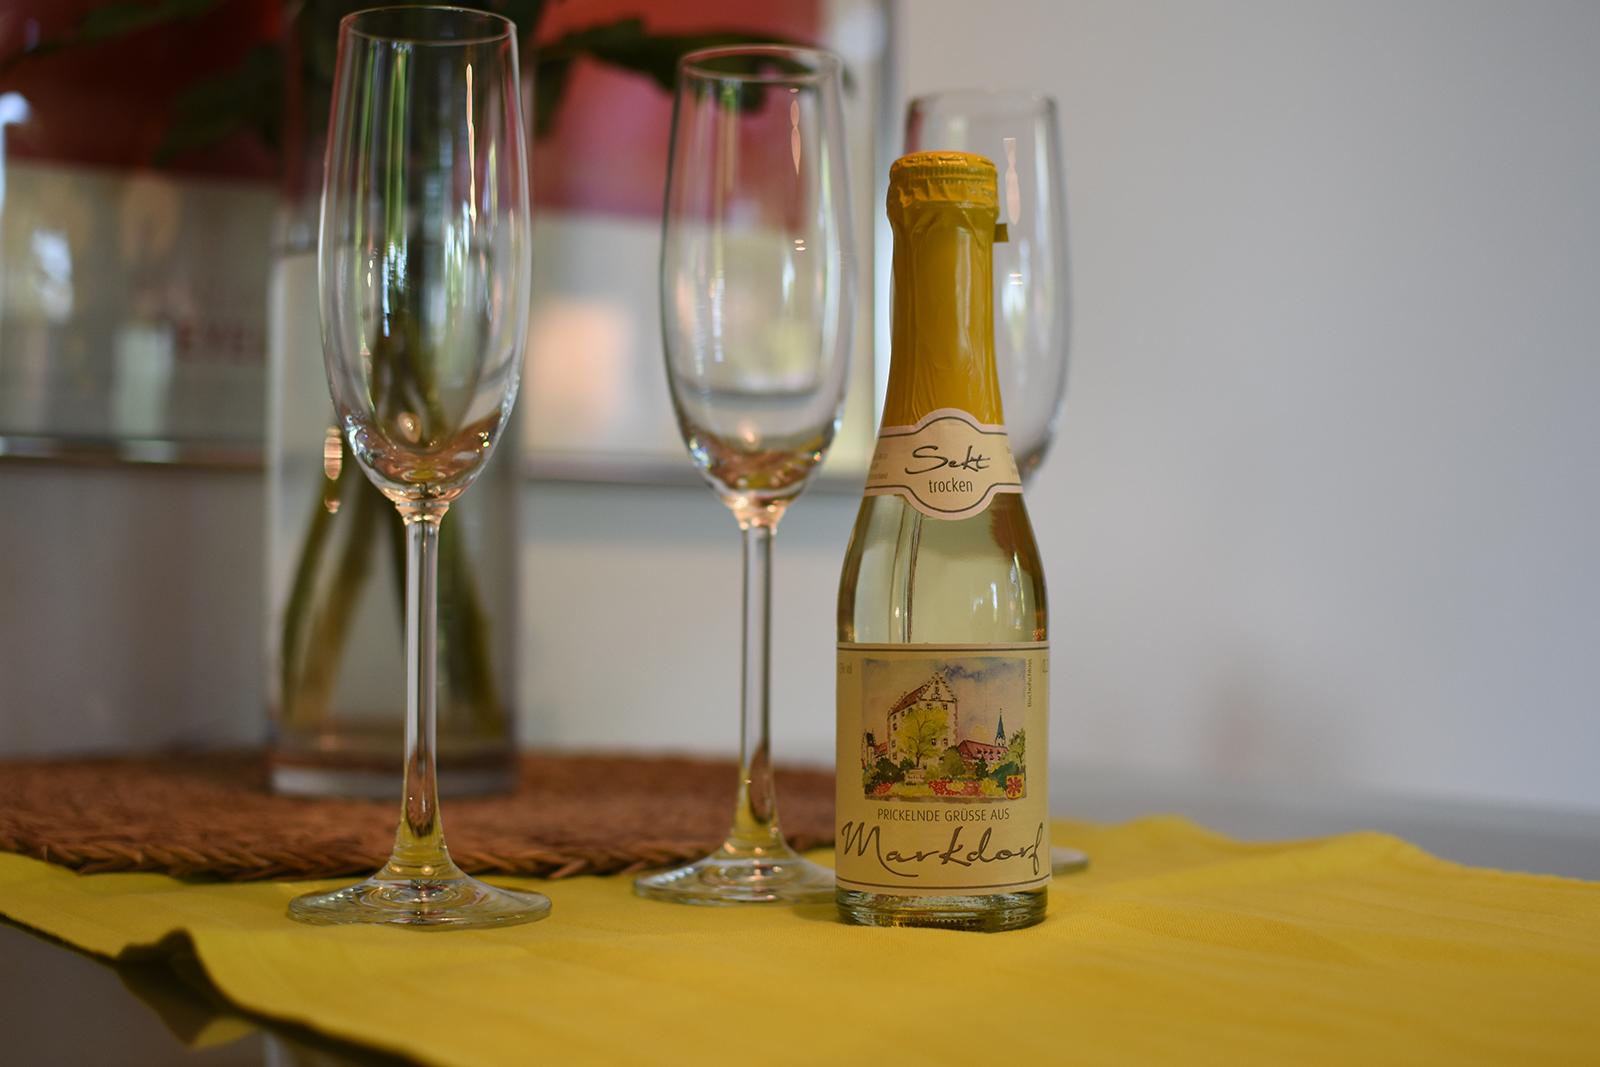 Ferienwohnung am Bodensee: Schillerstraße - Wein